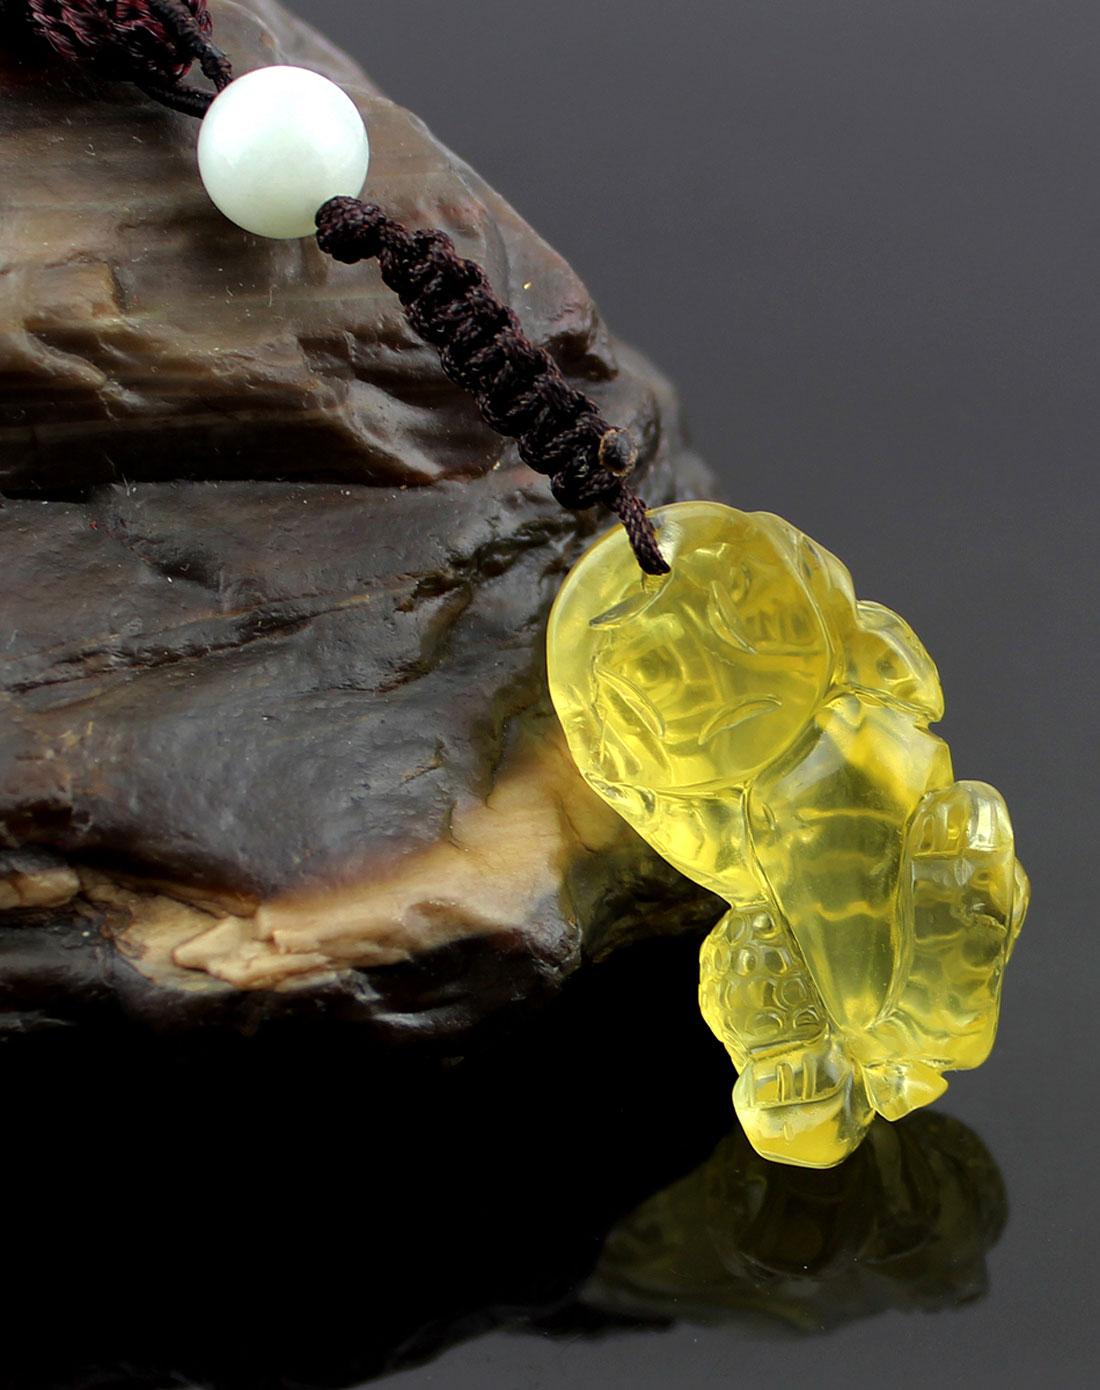 中性黃色一步登天貔貅3a級天然黃水晶吊墜掛墜(附鑒定證書)圖片